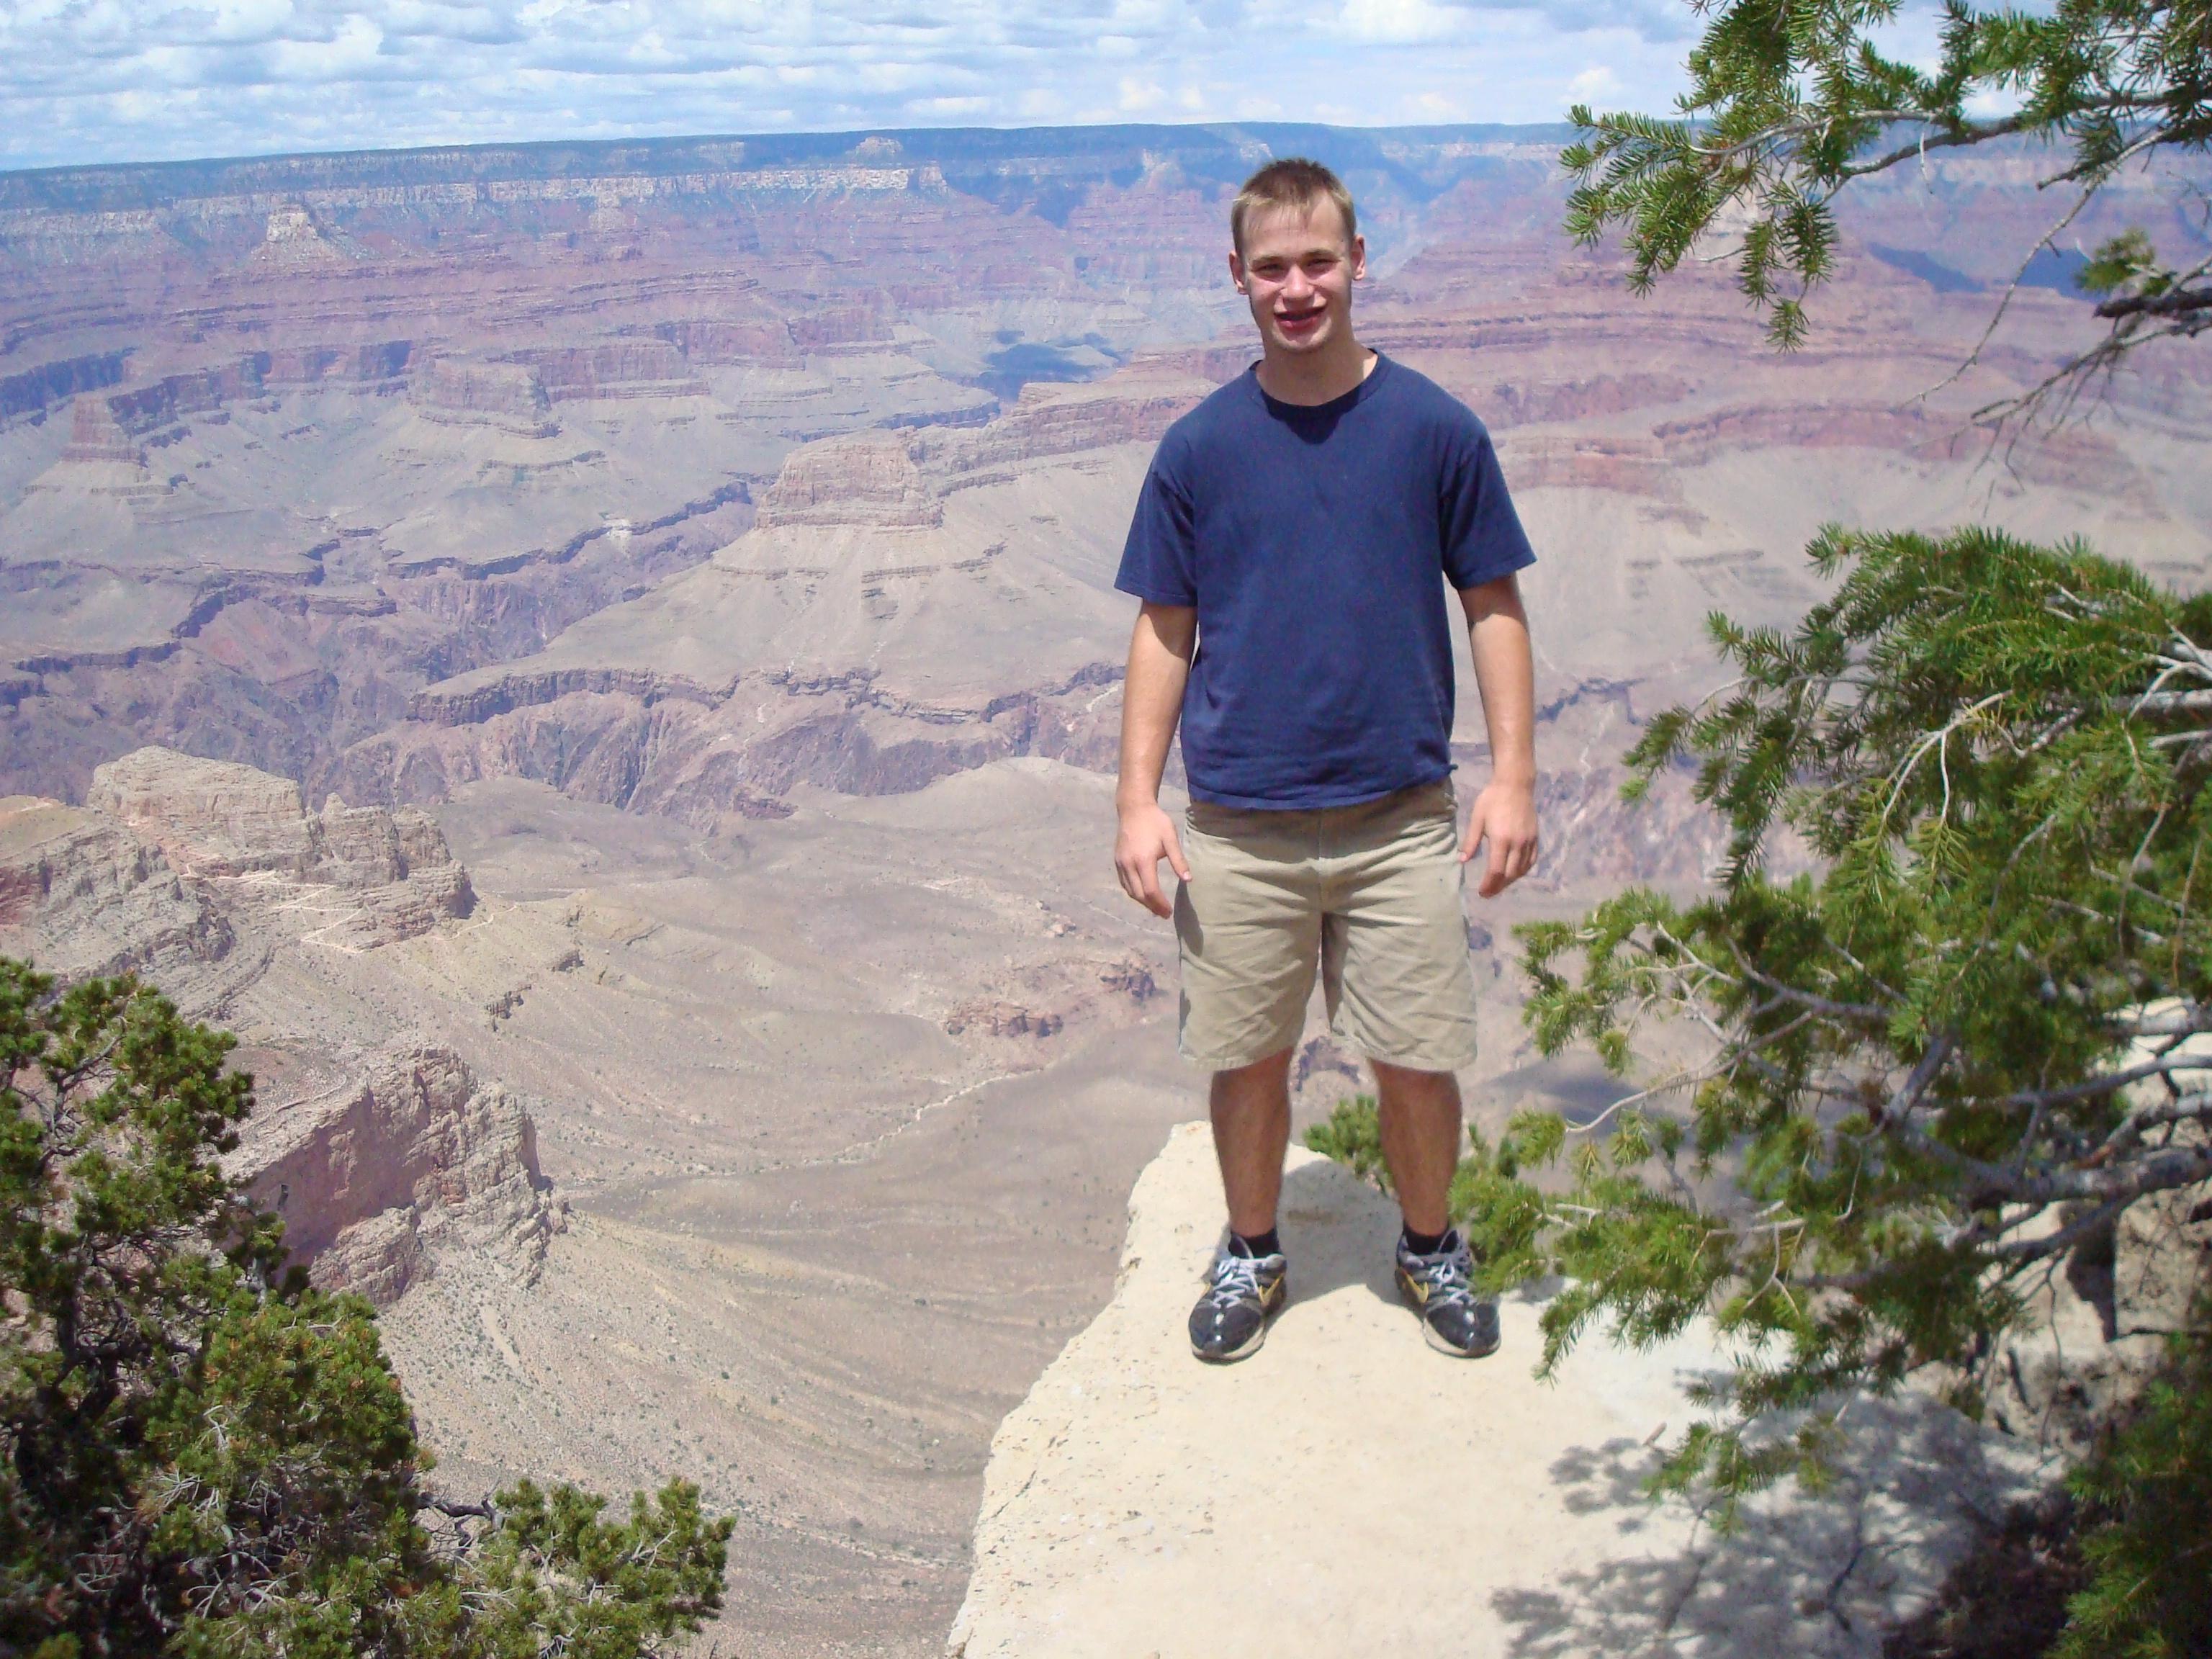 John, living on the edge